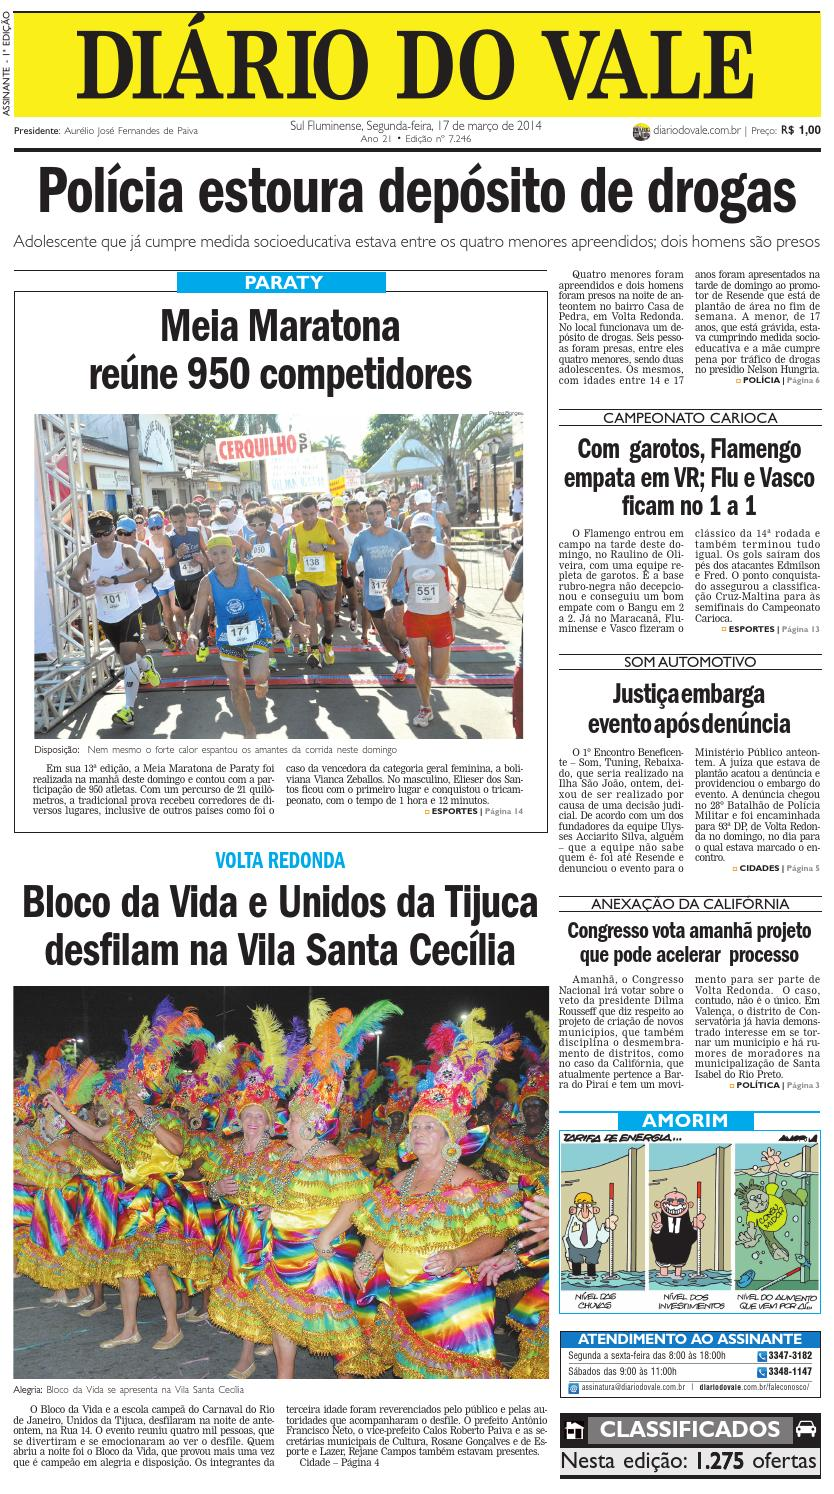 30da65f623 7246 diario segunda feira 17 03 2014 by Diário do Vale - issuu